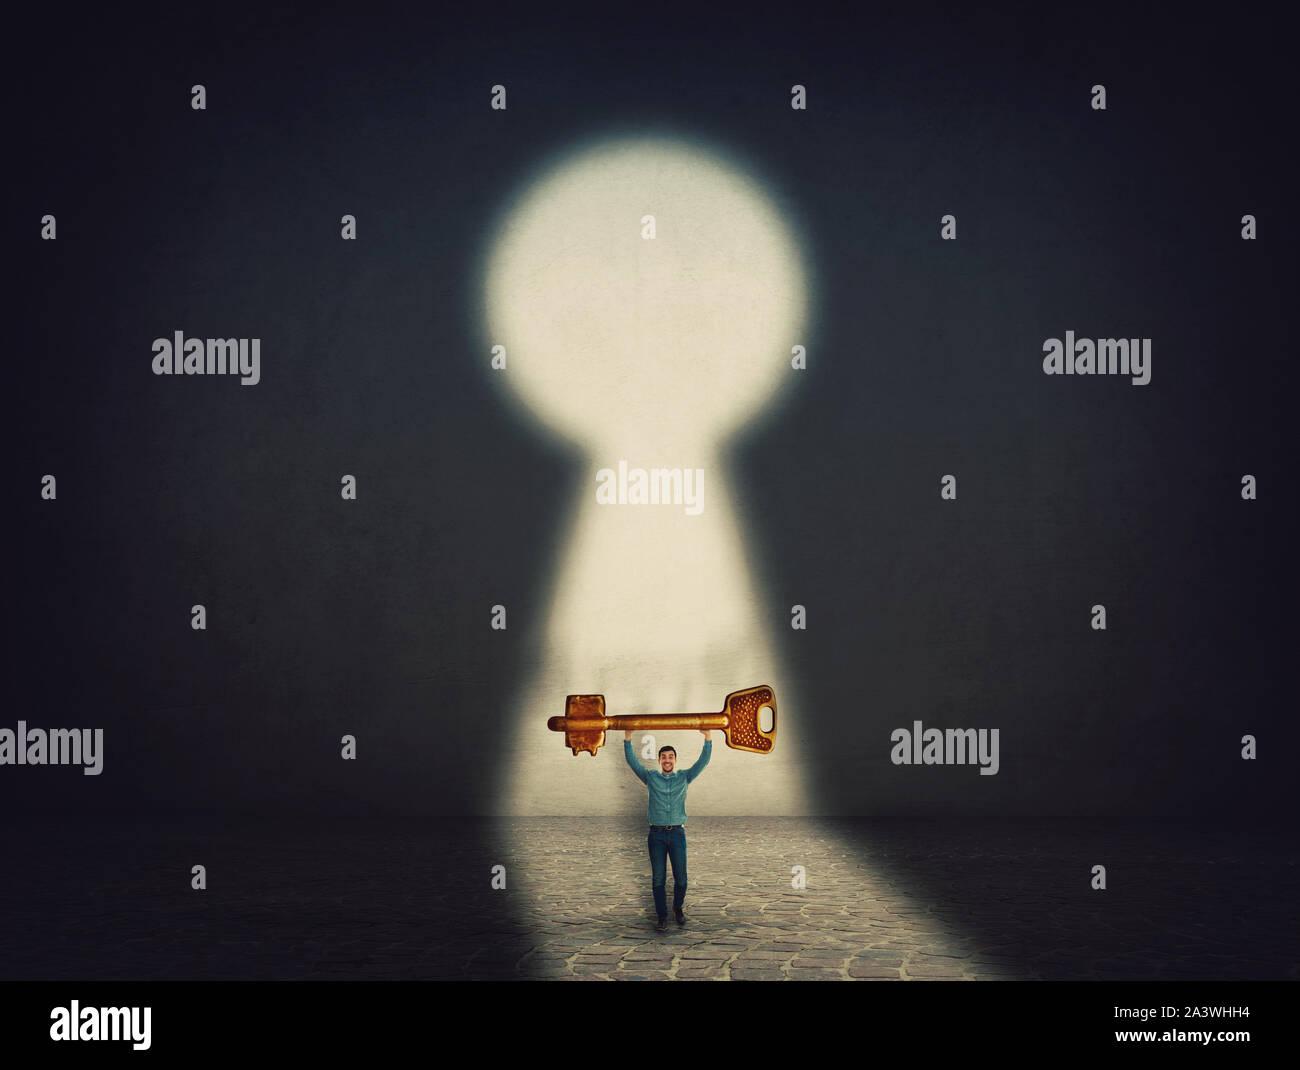 Seguros de empresario lleva una llave de oro por encima de la cabeza, encontraron el camino al éxito, ha de abrir la cerradura. Ambición y motivación empresarial concepto. Desbloquear Foto de stock